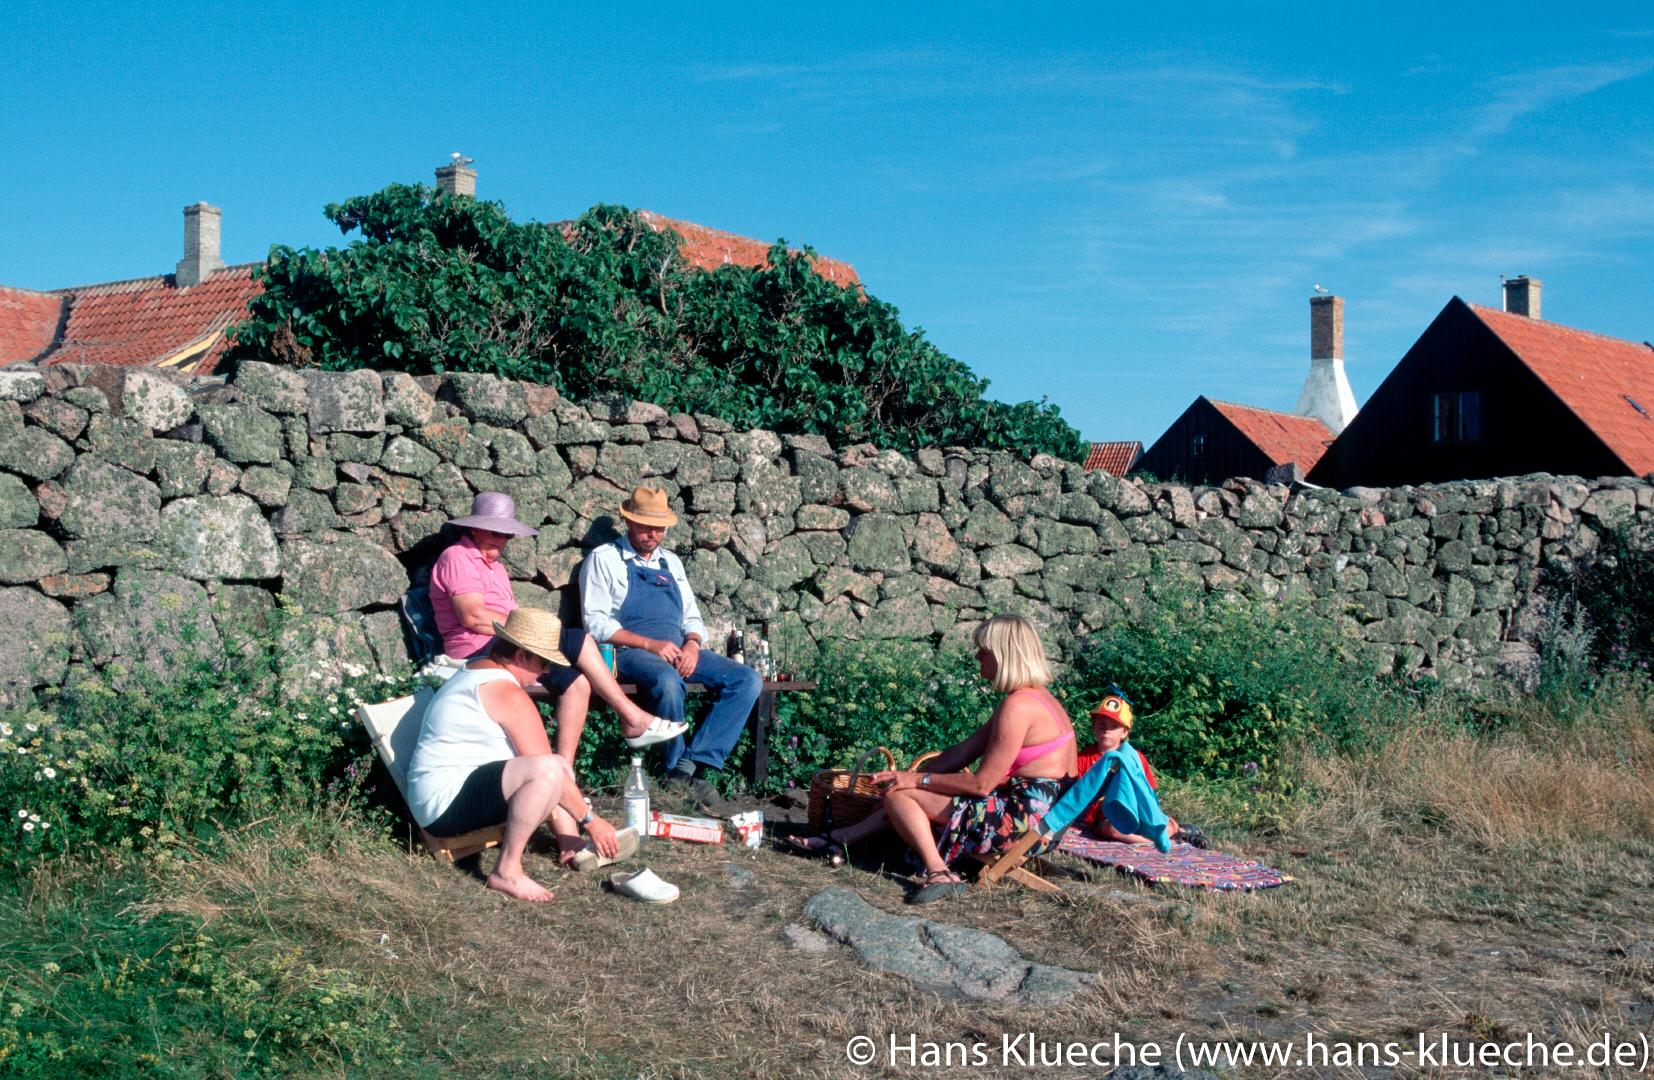 Festungsinsel Christiansø gehört zu Inselgruppe Ertmolmene nordöstlich von Bornholm: Mittagspause